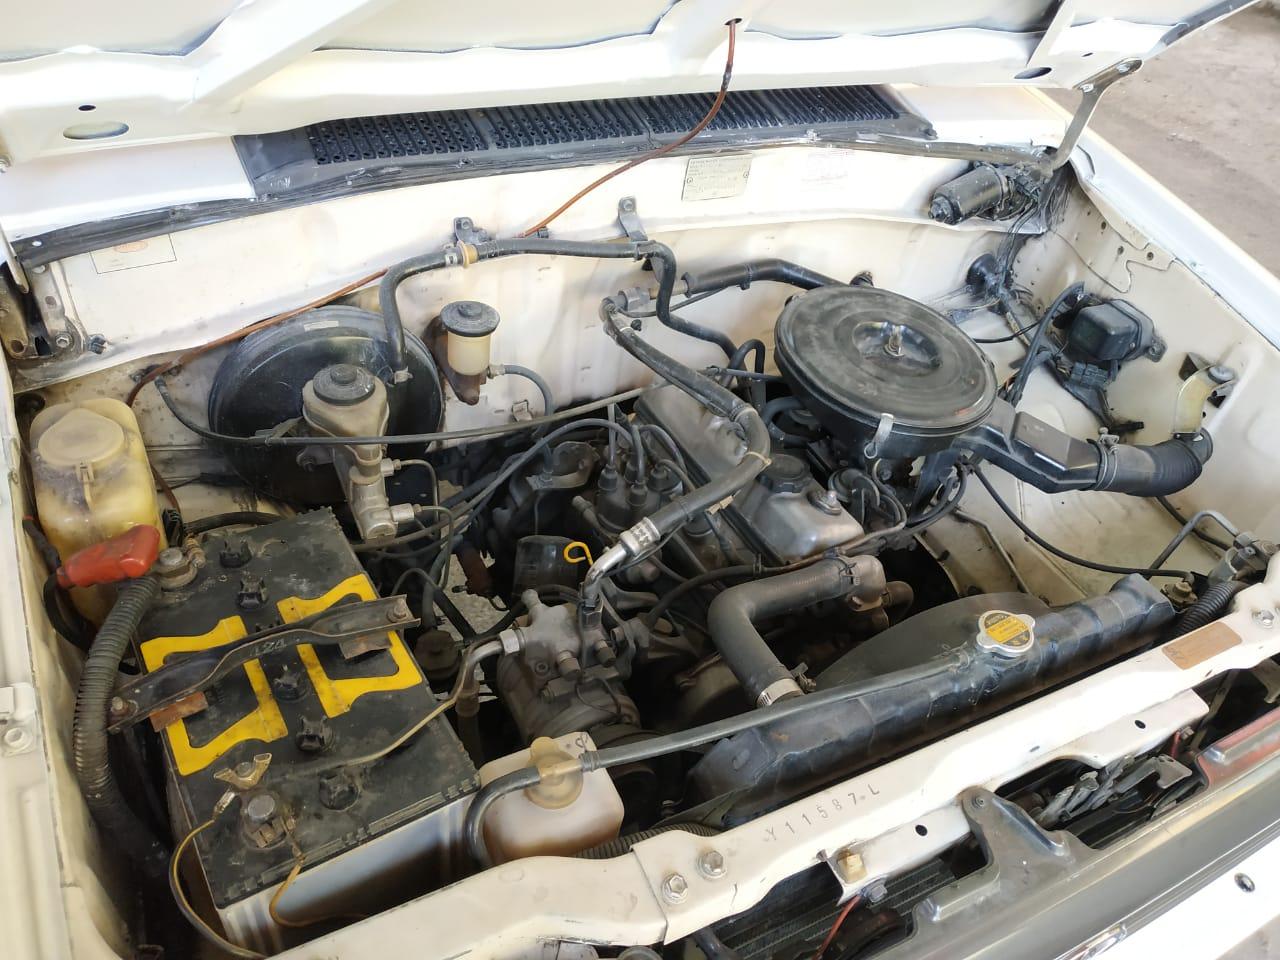 Gambar menunjukkan Mesin Toyota Kijang 5K Kijang Super 1995